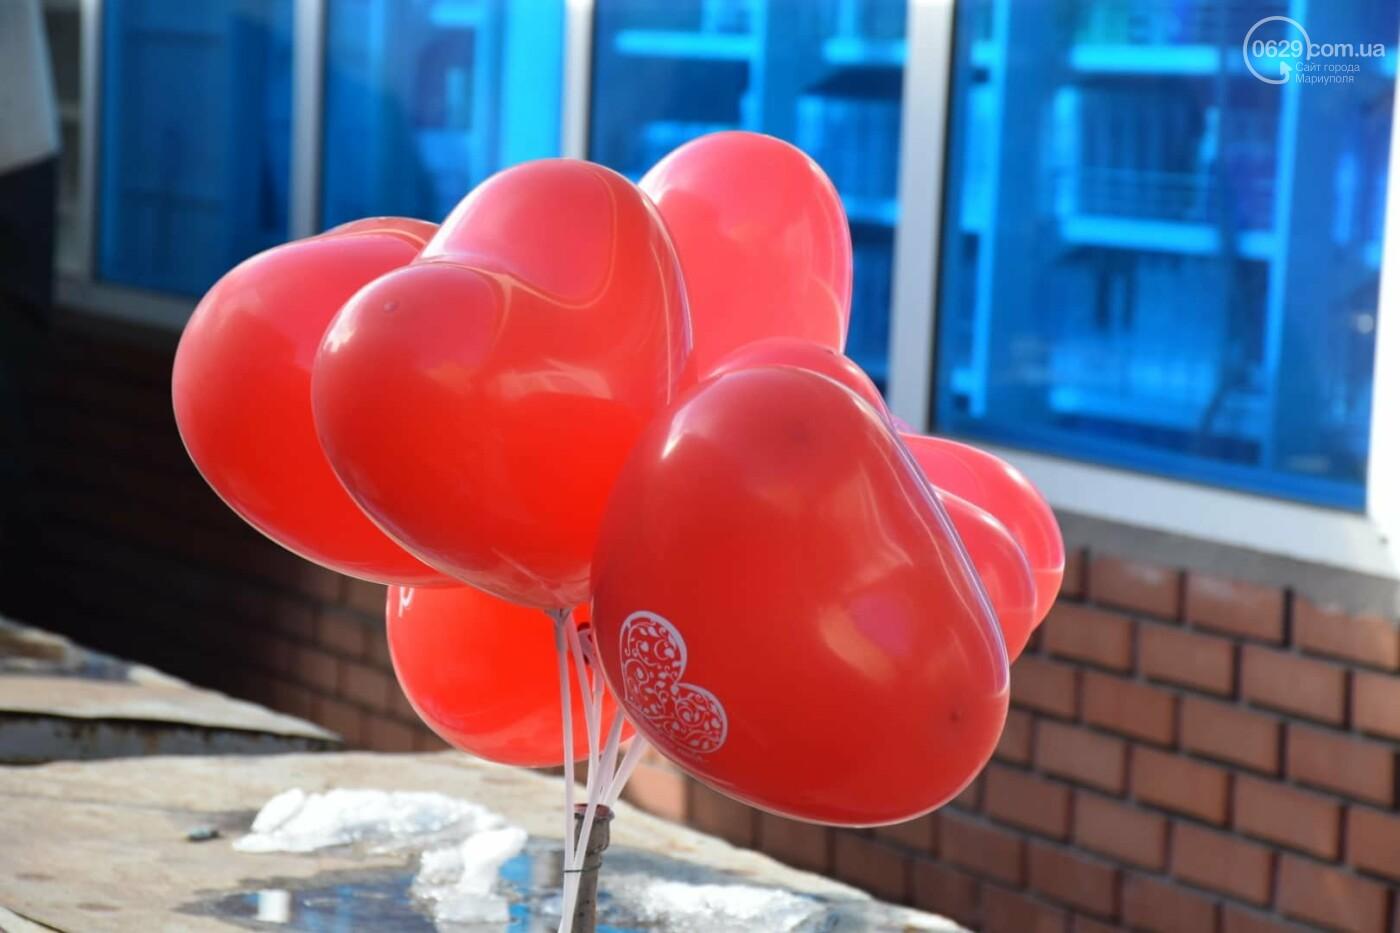 День Святого Валентина в Мариуполе: цветы, шары и мужчины-романтики, - ФОТОРЕПОРТАЖ, фото-32